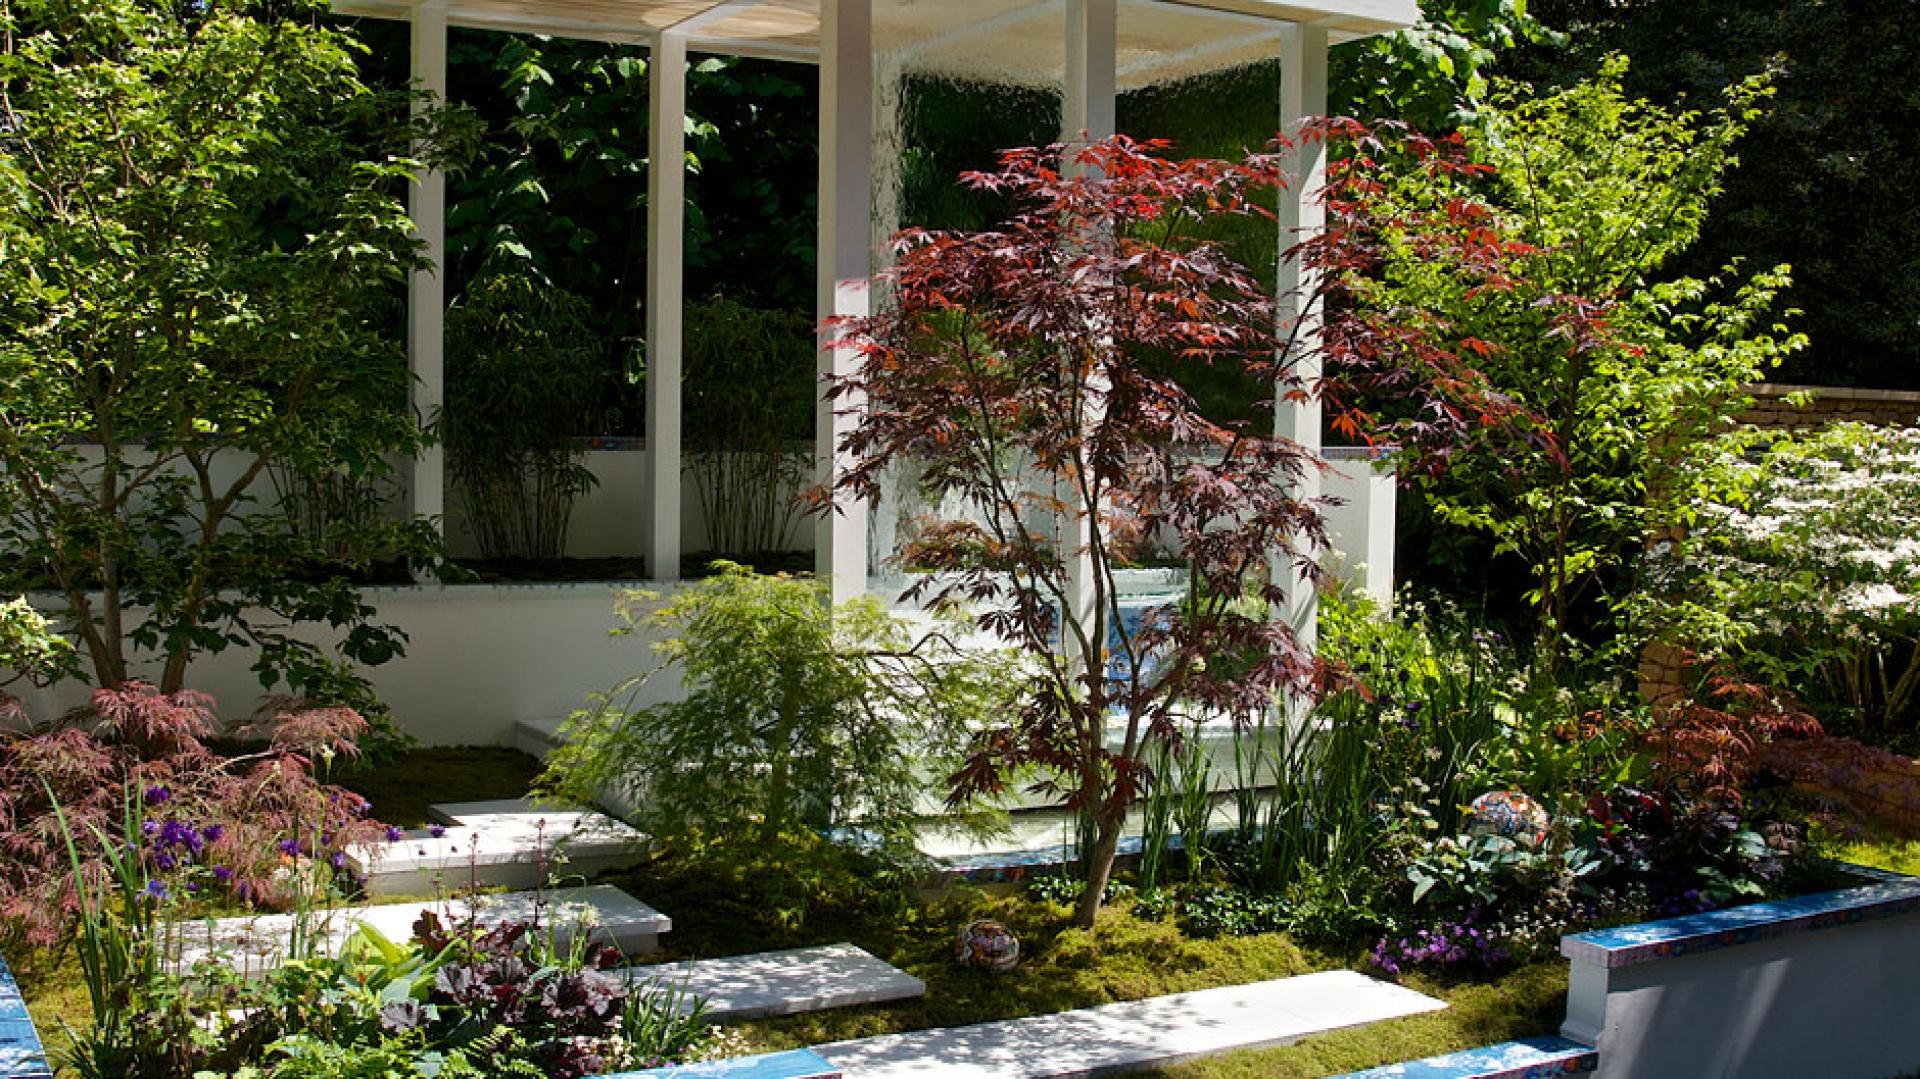 Biała konstrukcja doskonale wpisuje się także w nowoczesny charakter ogrodu. Fot. Chelsea garden.